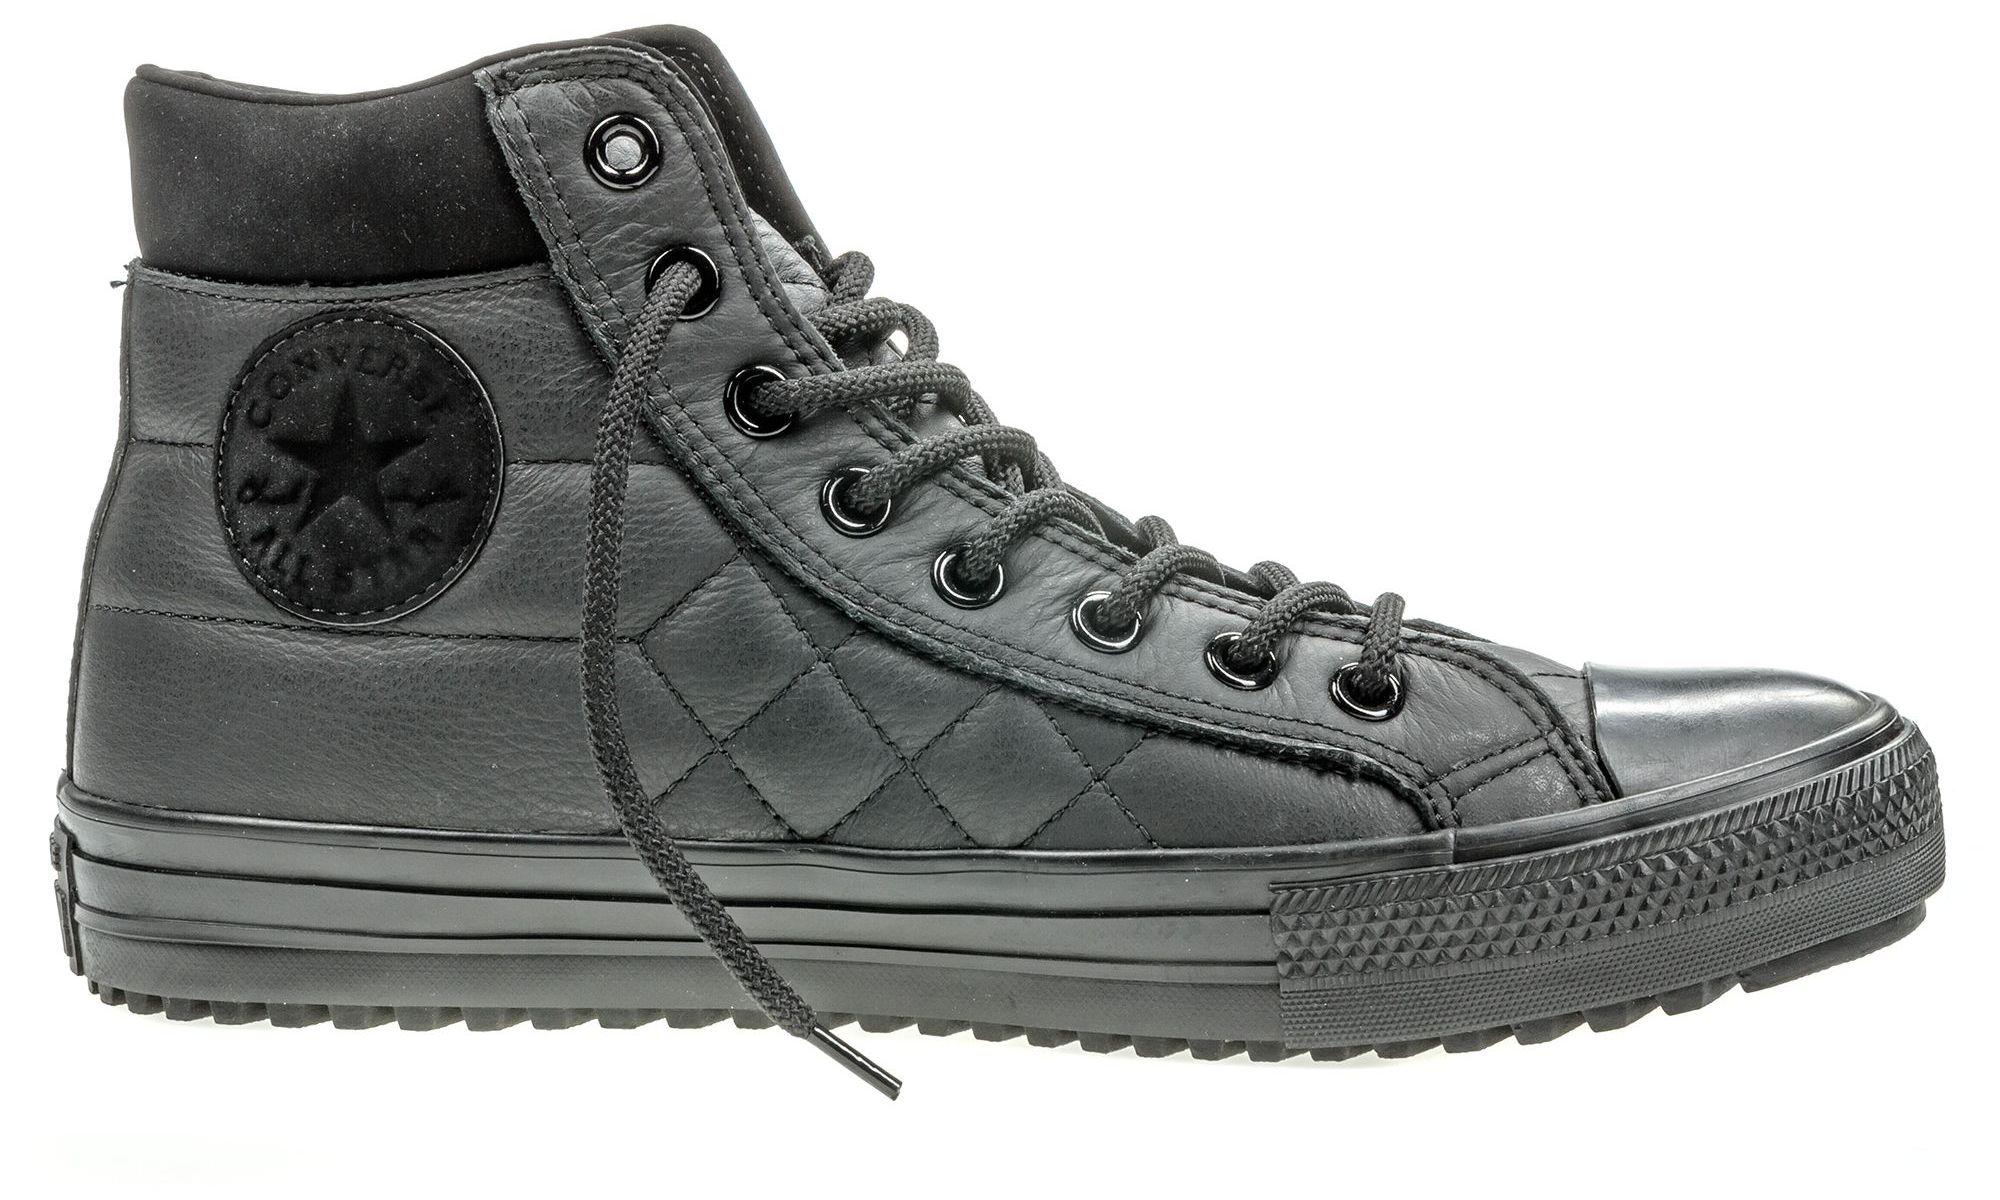 Кеды153669Модные мужские кеды Chuck Taylor All Star Converse Boot Pc от Converse выполнены из натуральной кожи и оформлены стежкой. Мыс модели защищен прорезиненной вставкой. Внутренняя поверхность и стелька из текстиля комфортны при движении. Шнуровка надежно зафиксирует модель на ноге. Подошва дополнена рифлением.